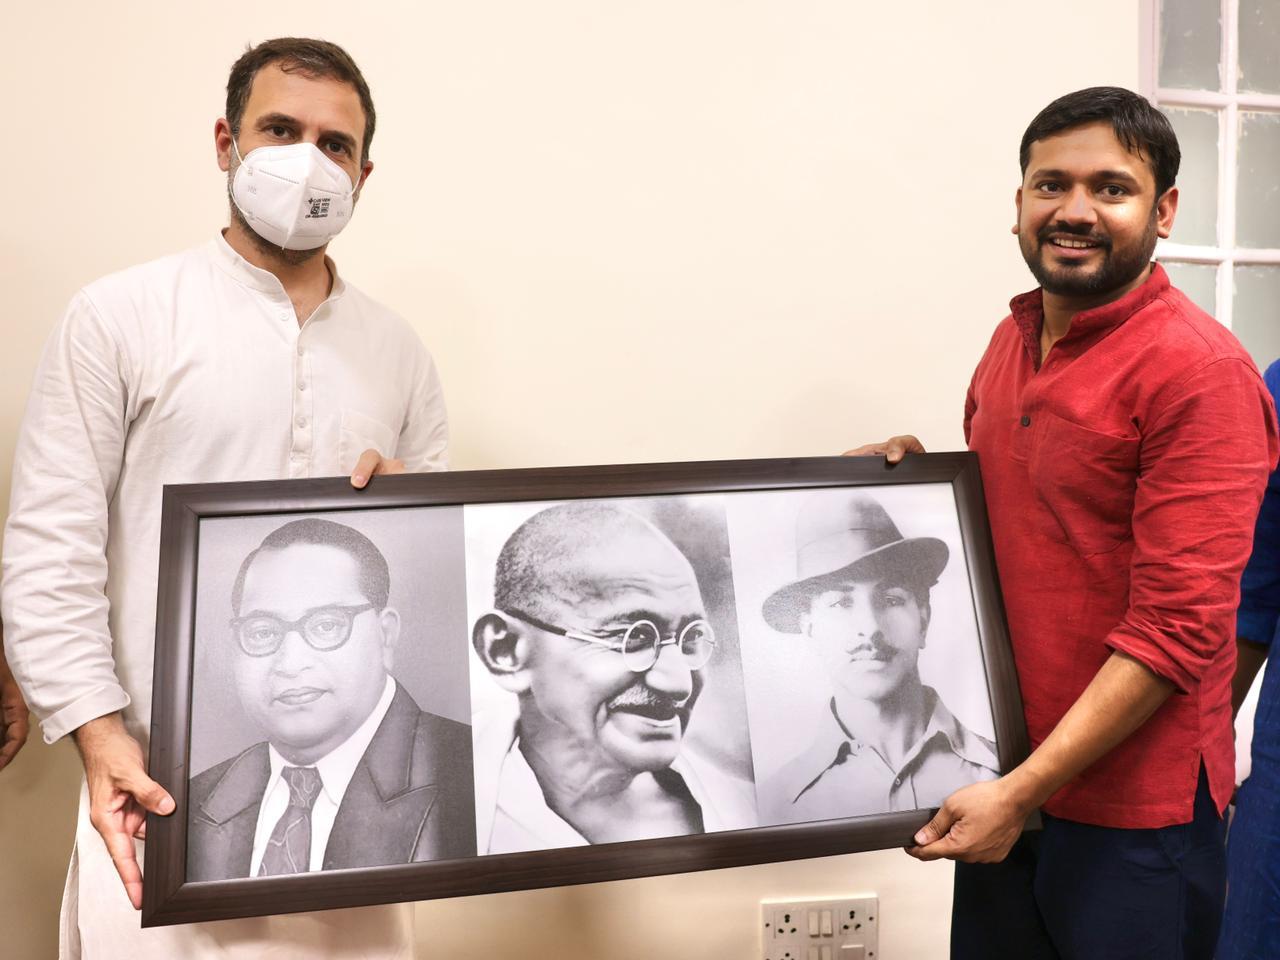 راہل گاندھی کے ساتھ کنہیا کمار۔ (فوٹو بہ شکریہ: ٹوئٹر/@INCIndia)